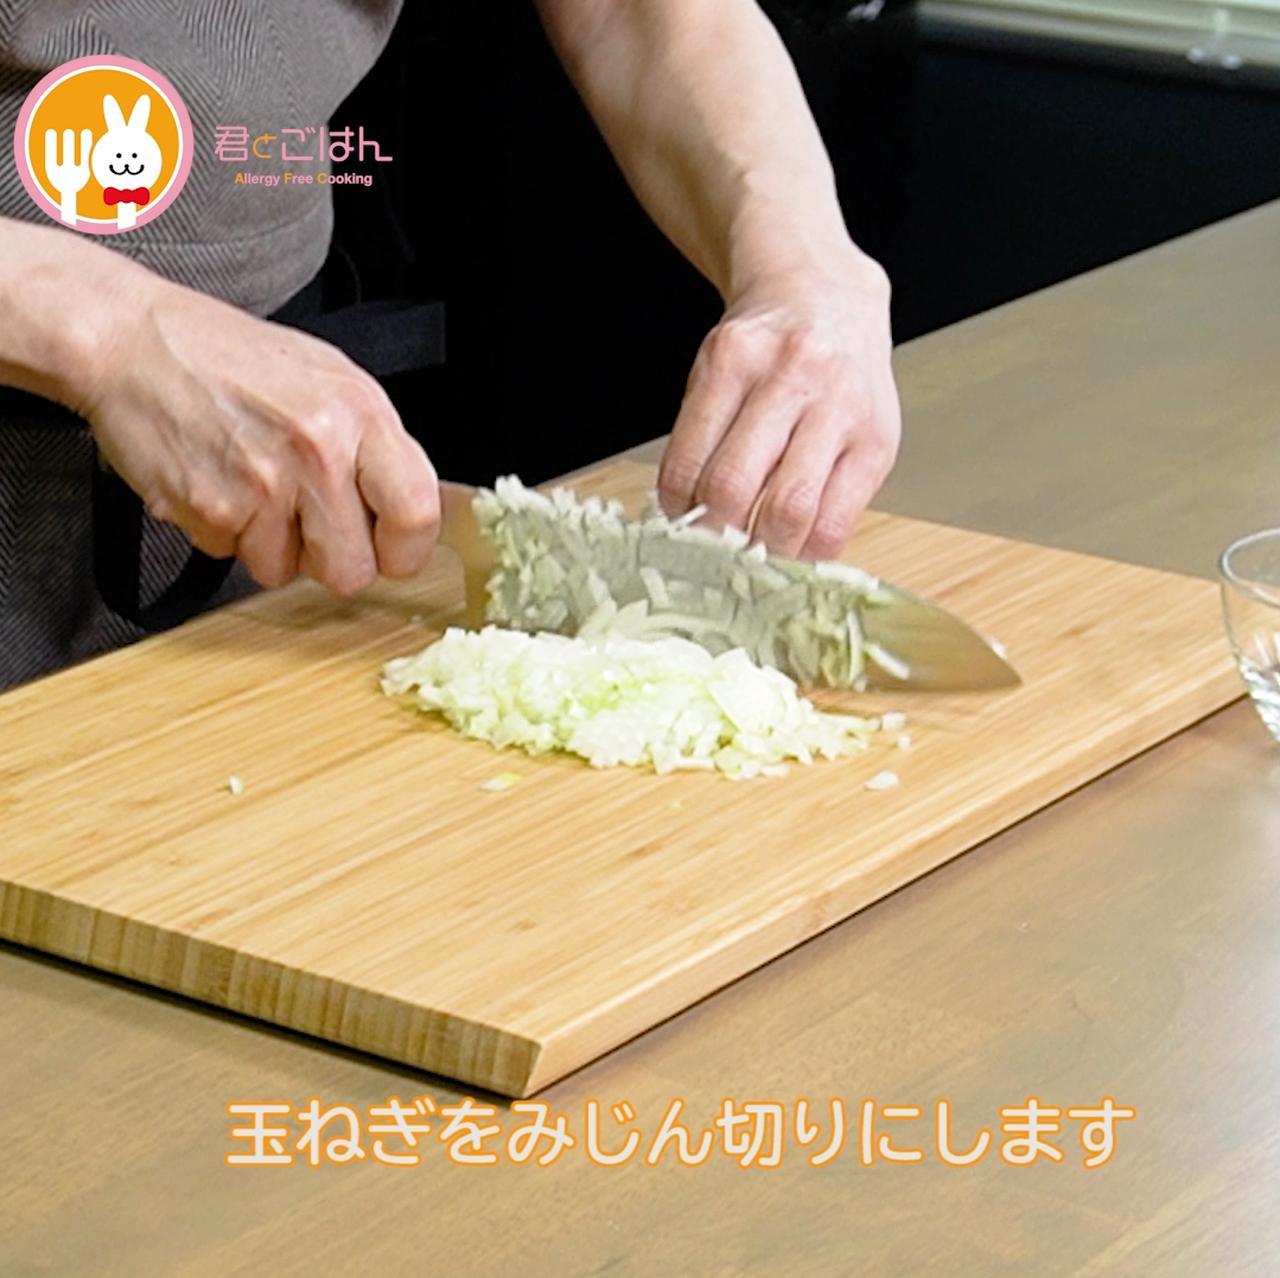 画像1: 特定原材料7品目不使用 レシピ